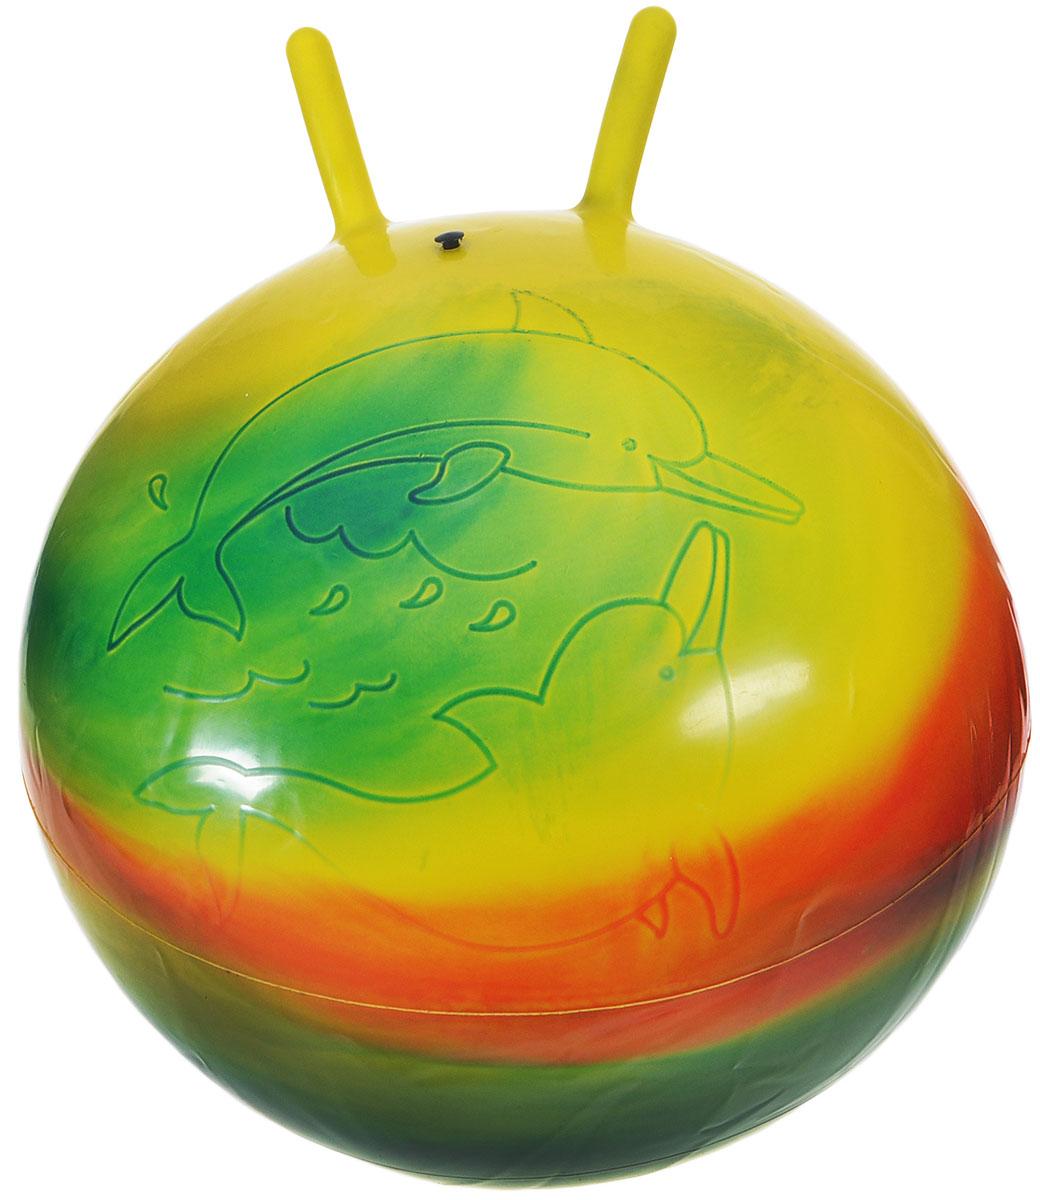 цены Stantoma Игрушка-попрыгун Мяч с рогами цвет мультиколор 55 см